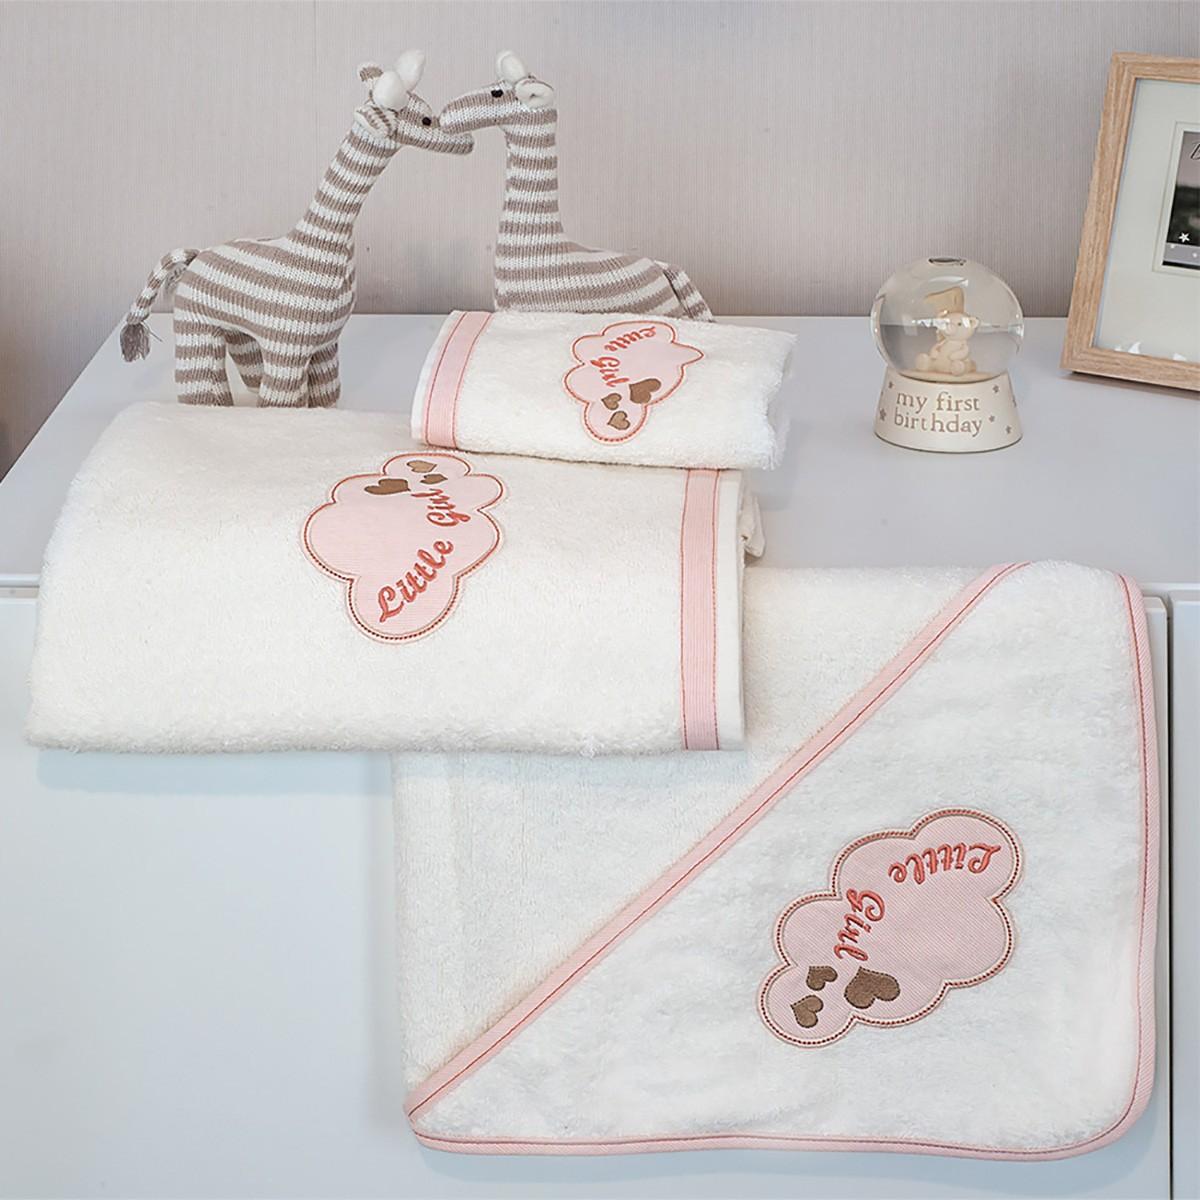 Πετσέτες Μπάνιου (Σετ 2τμχ) Baby Oliver Little Girl Des 144